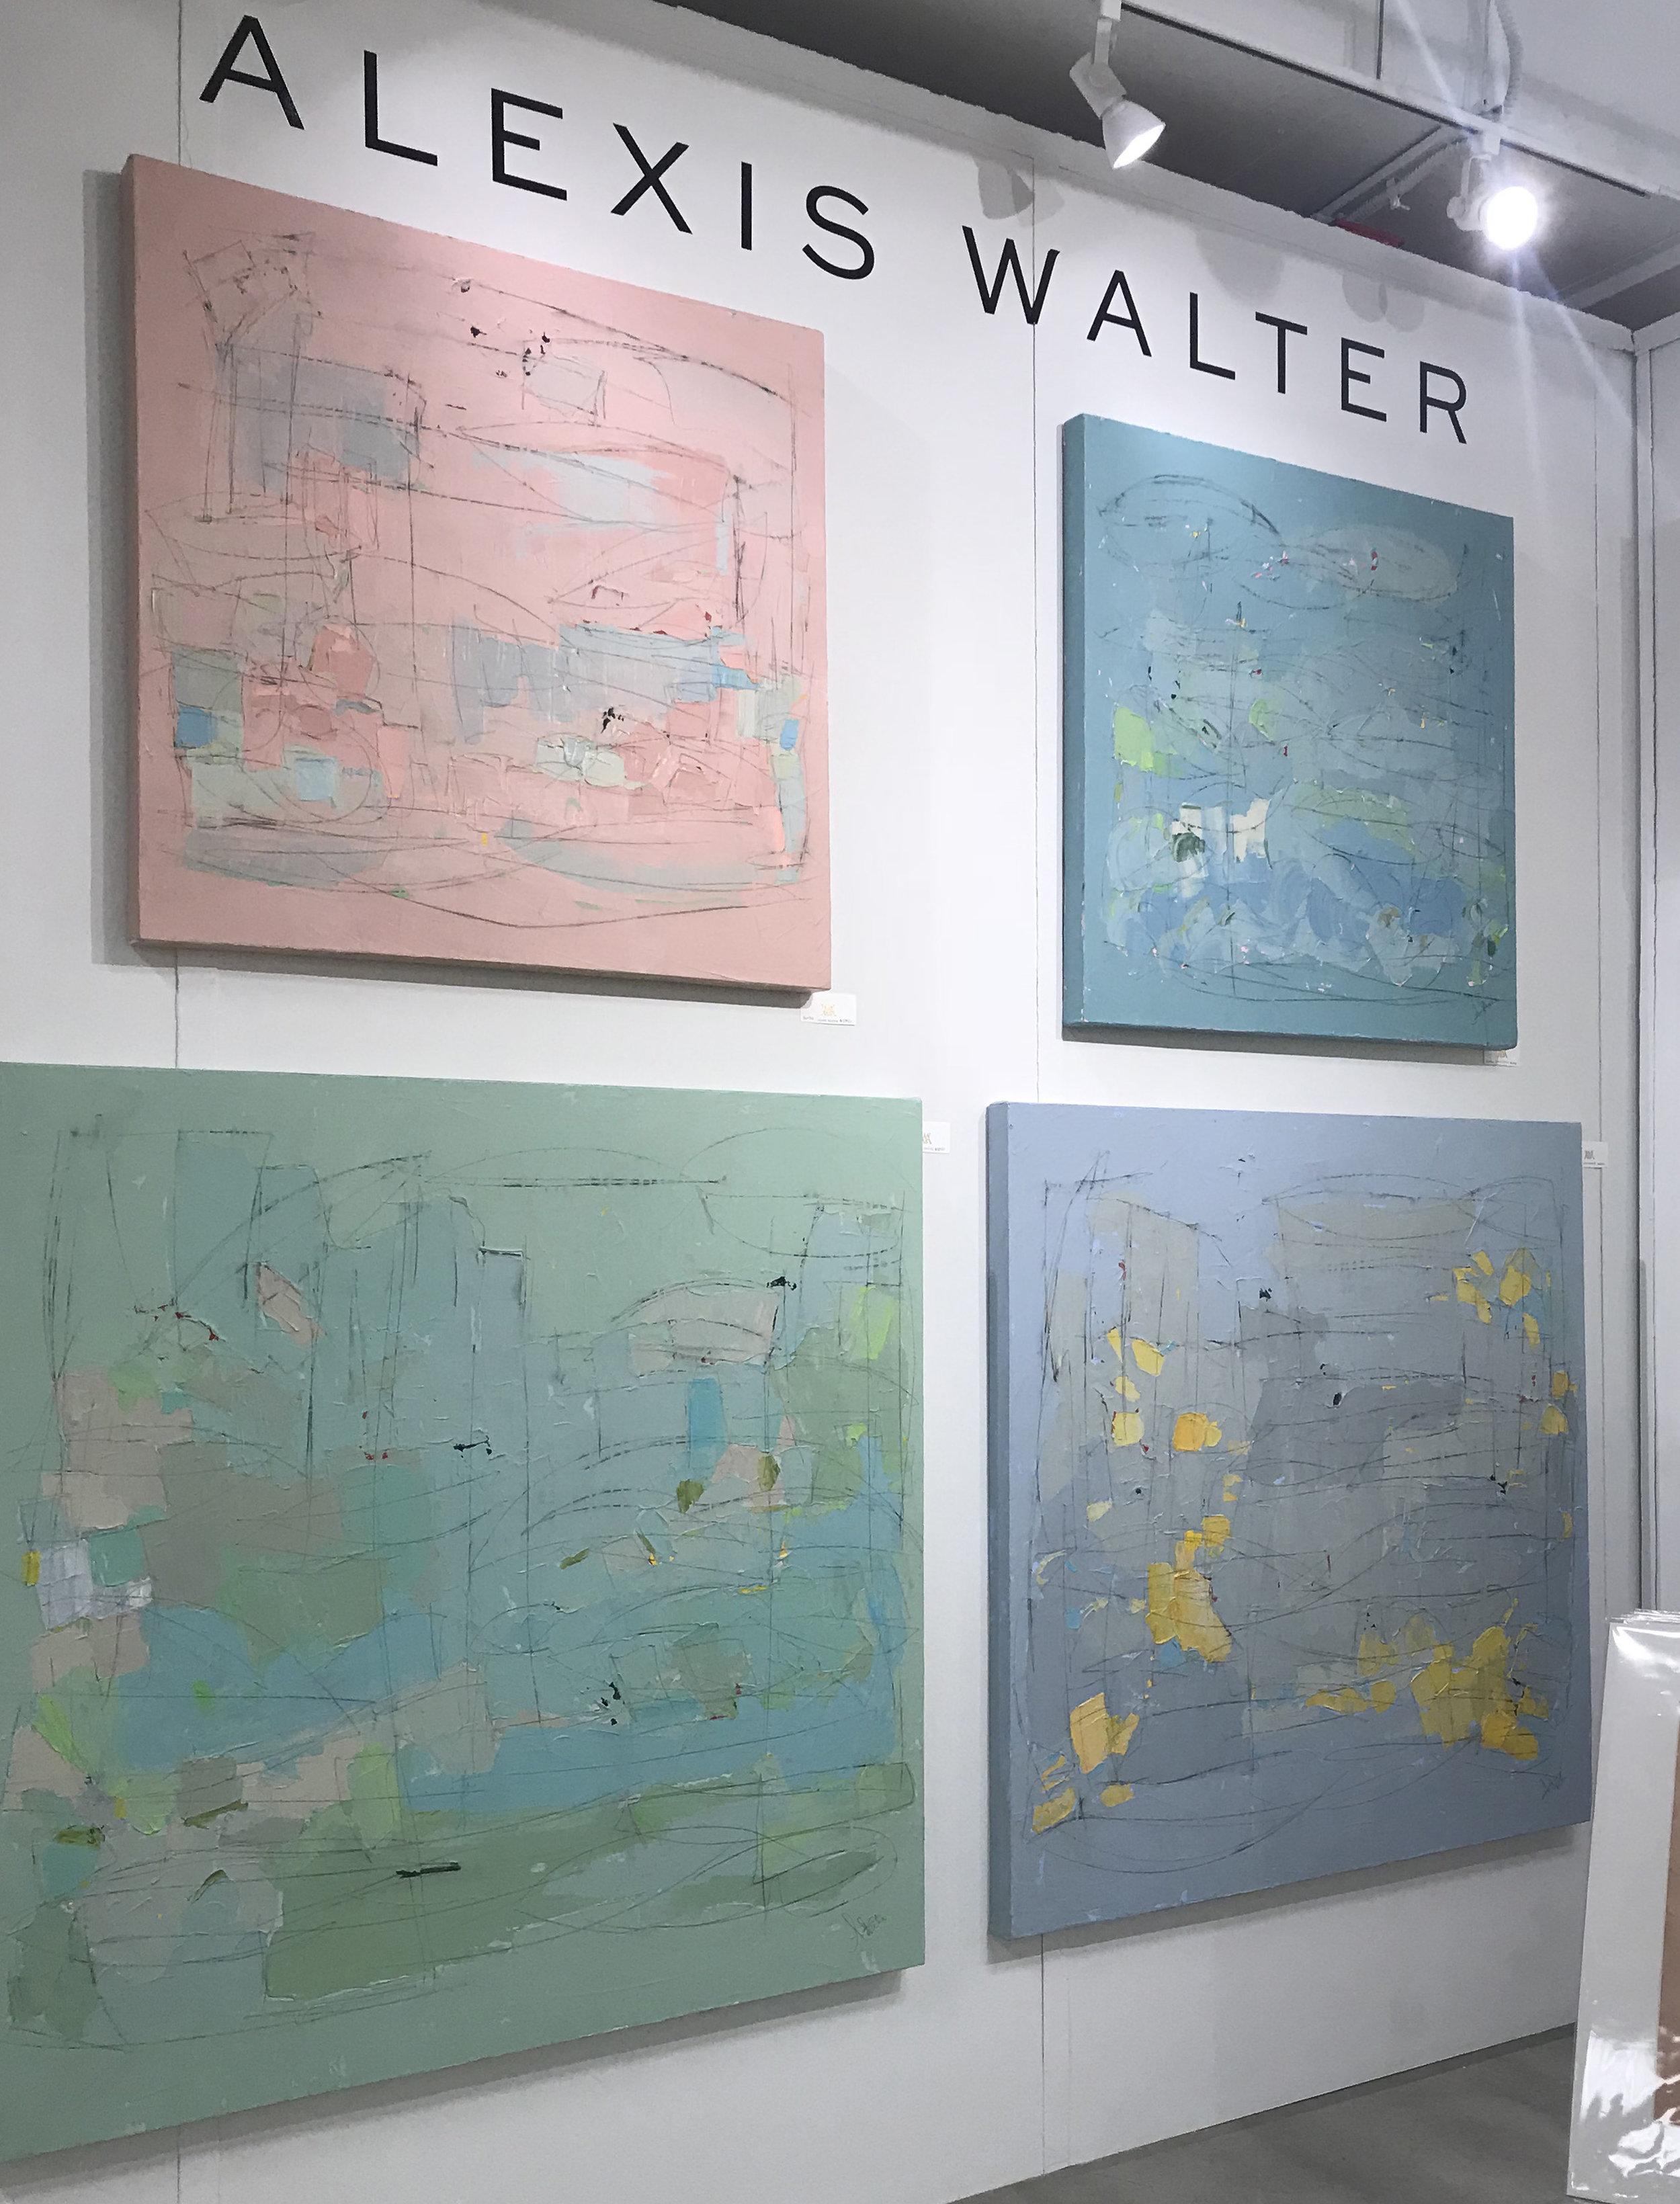 Alexis Walter